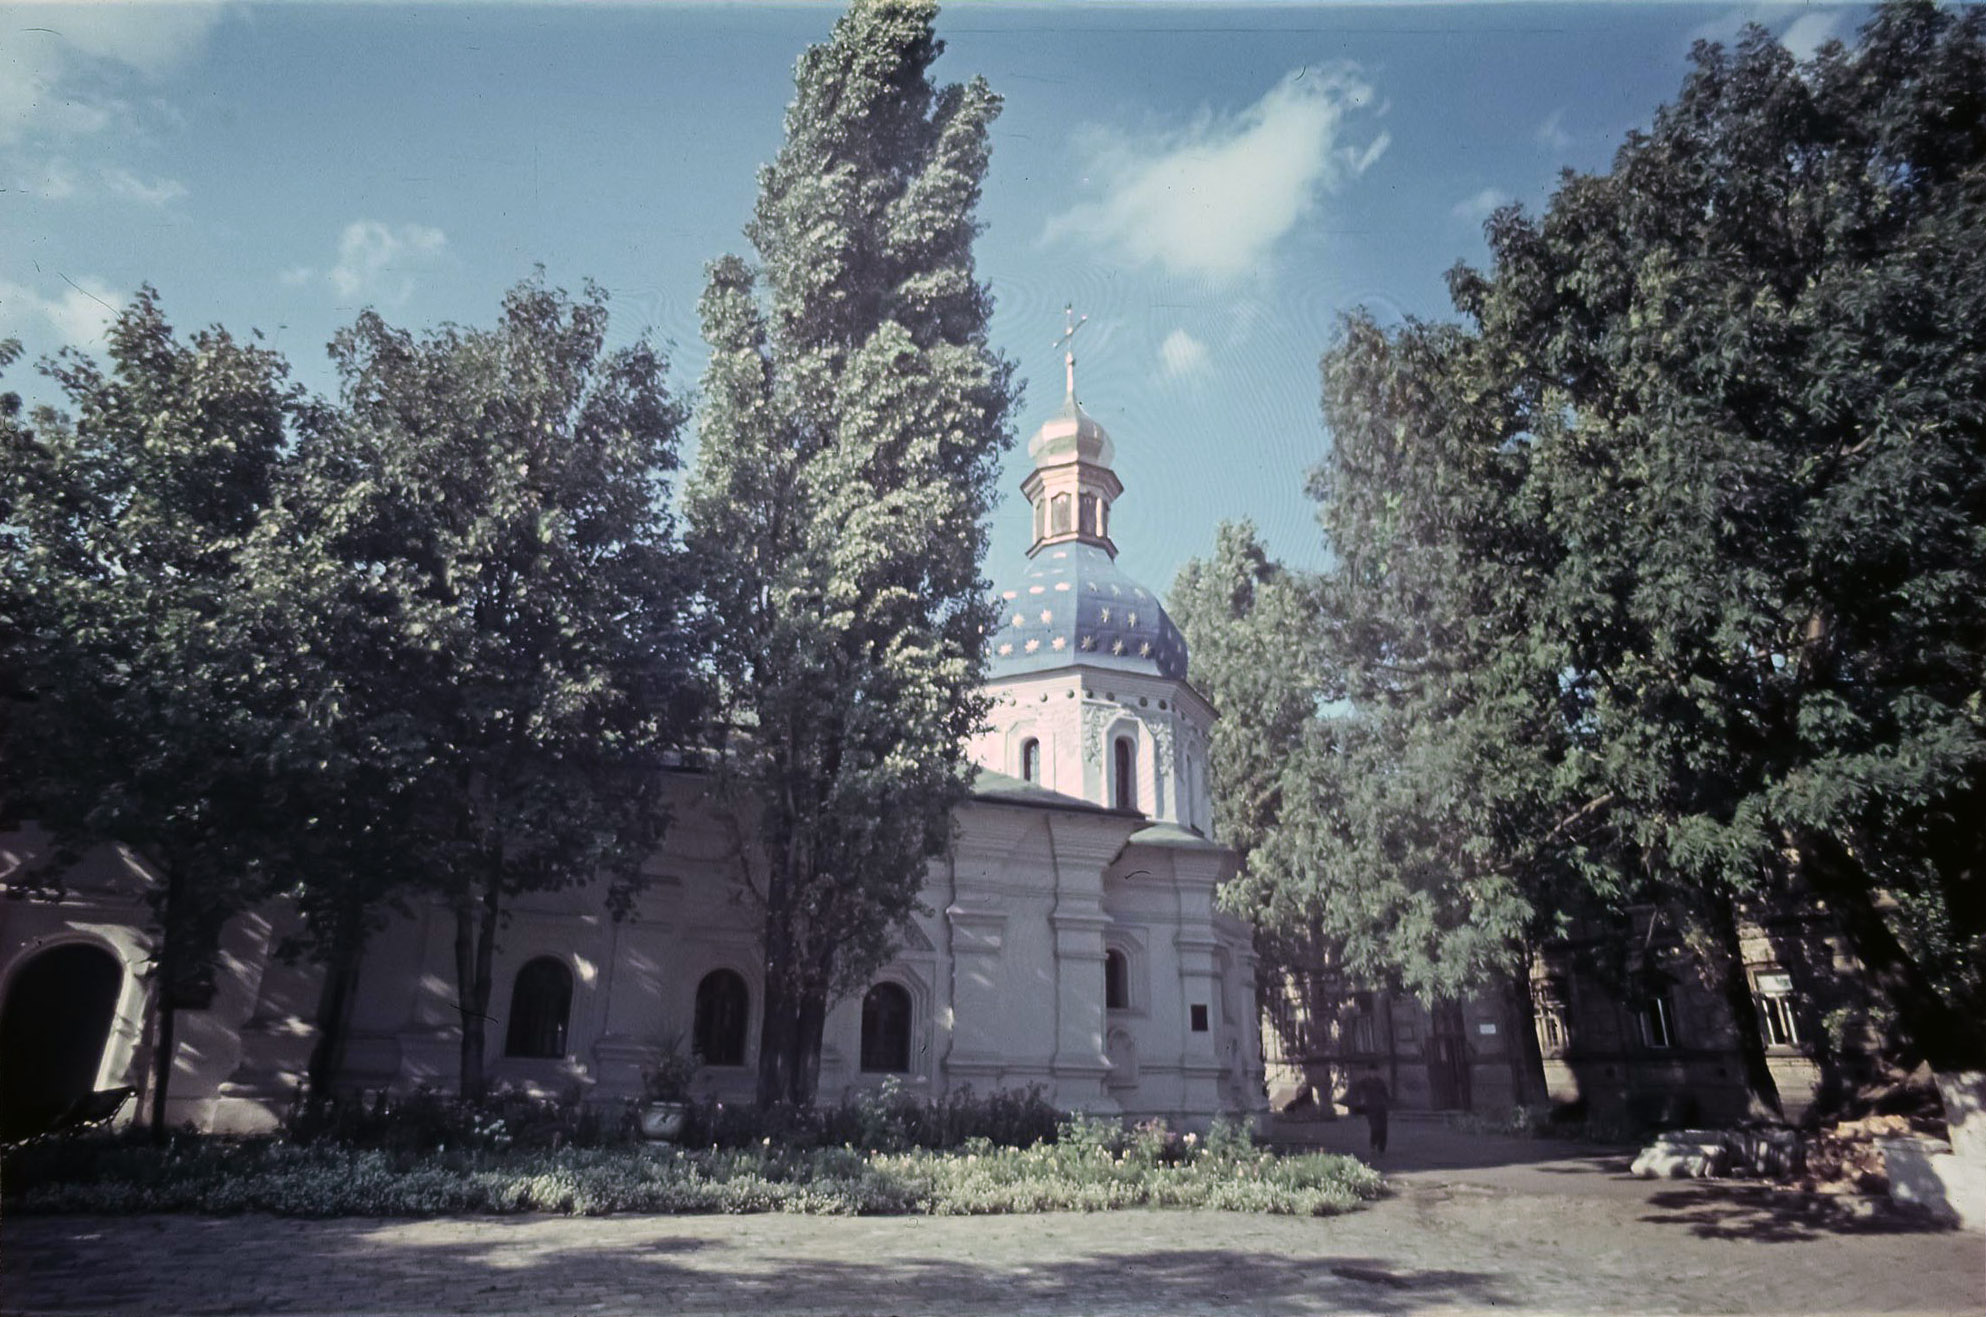 Киев. Церковь св. Николая в Николаевском больничном монастыре